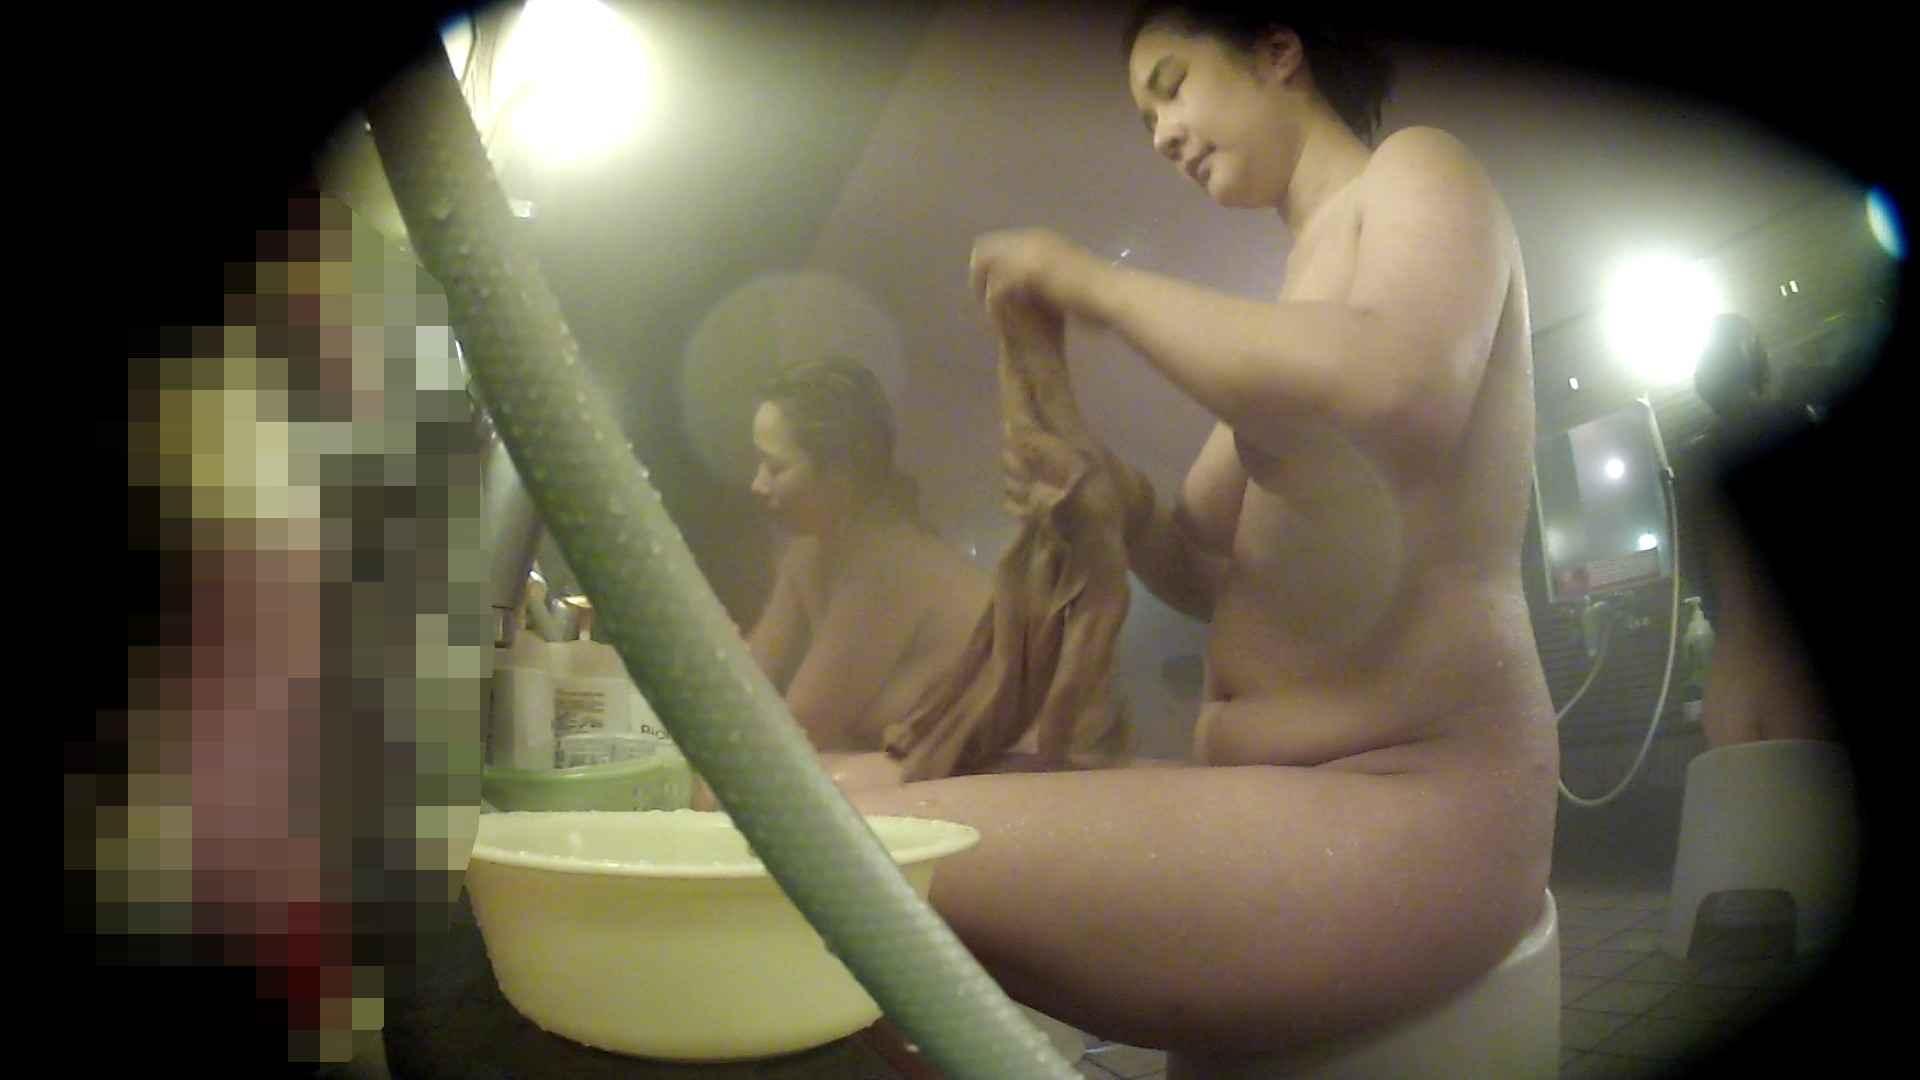 ハイビジョン 洗い場!豊満な乳が大地へと・・・乳輪の大きさは人それぞれ 銭湯  95pic 10